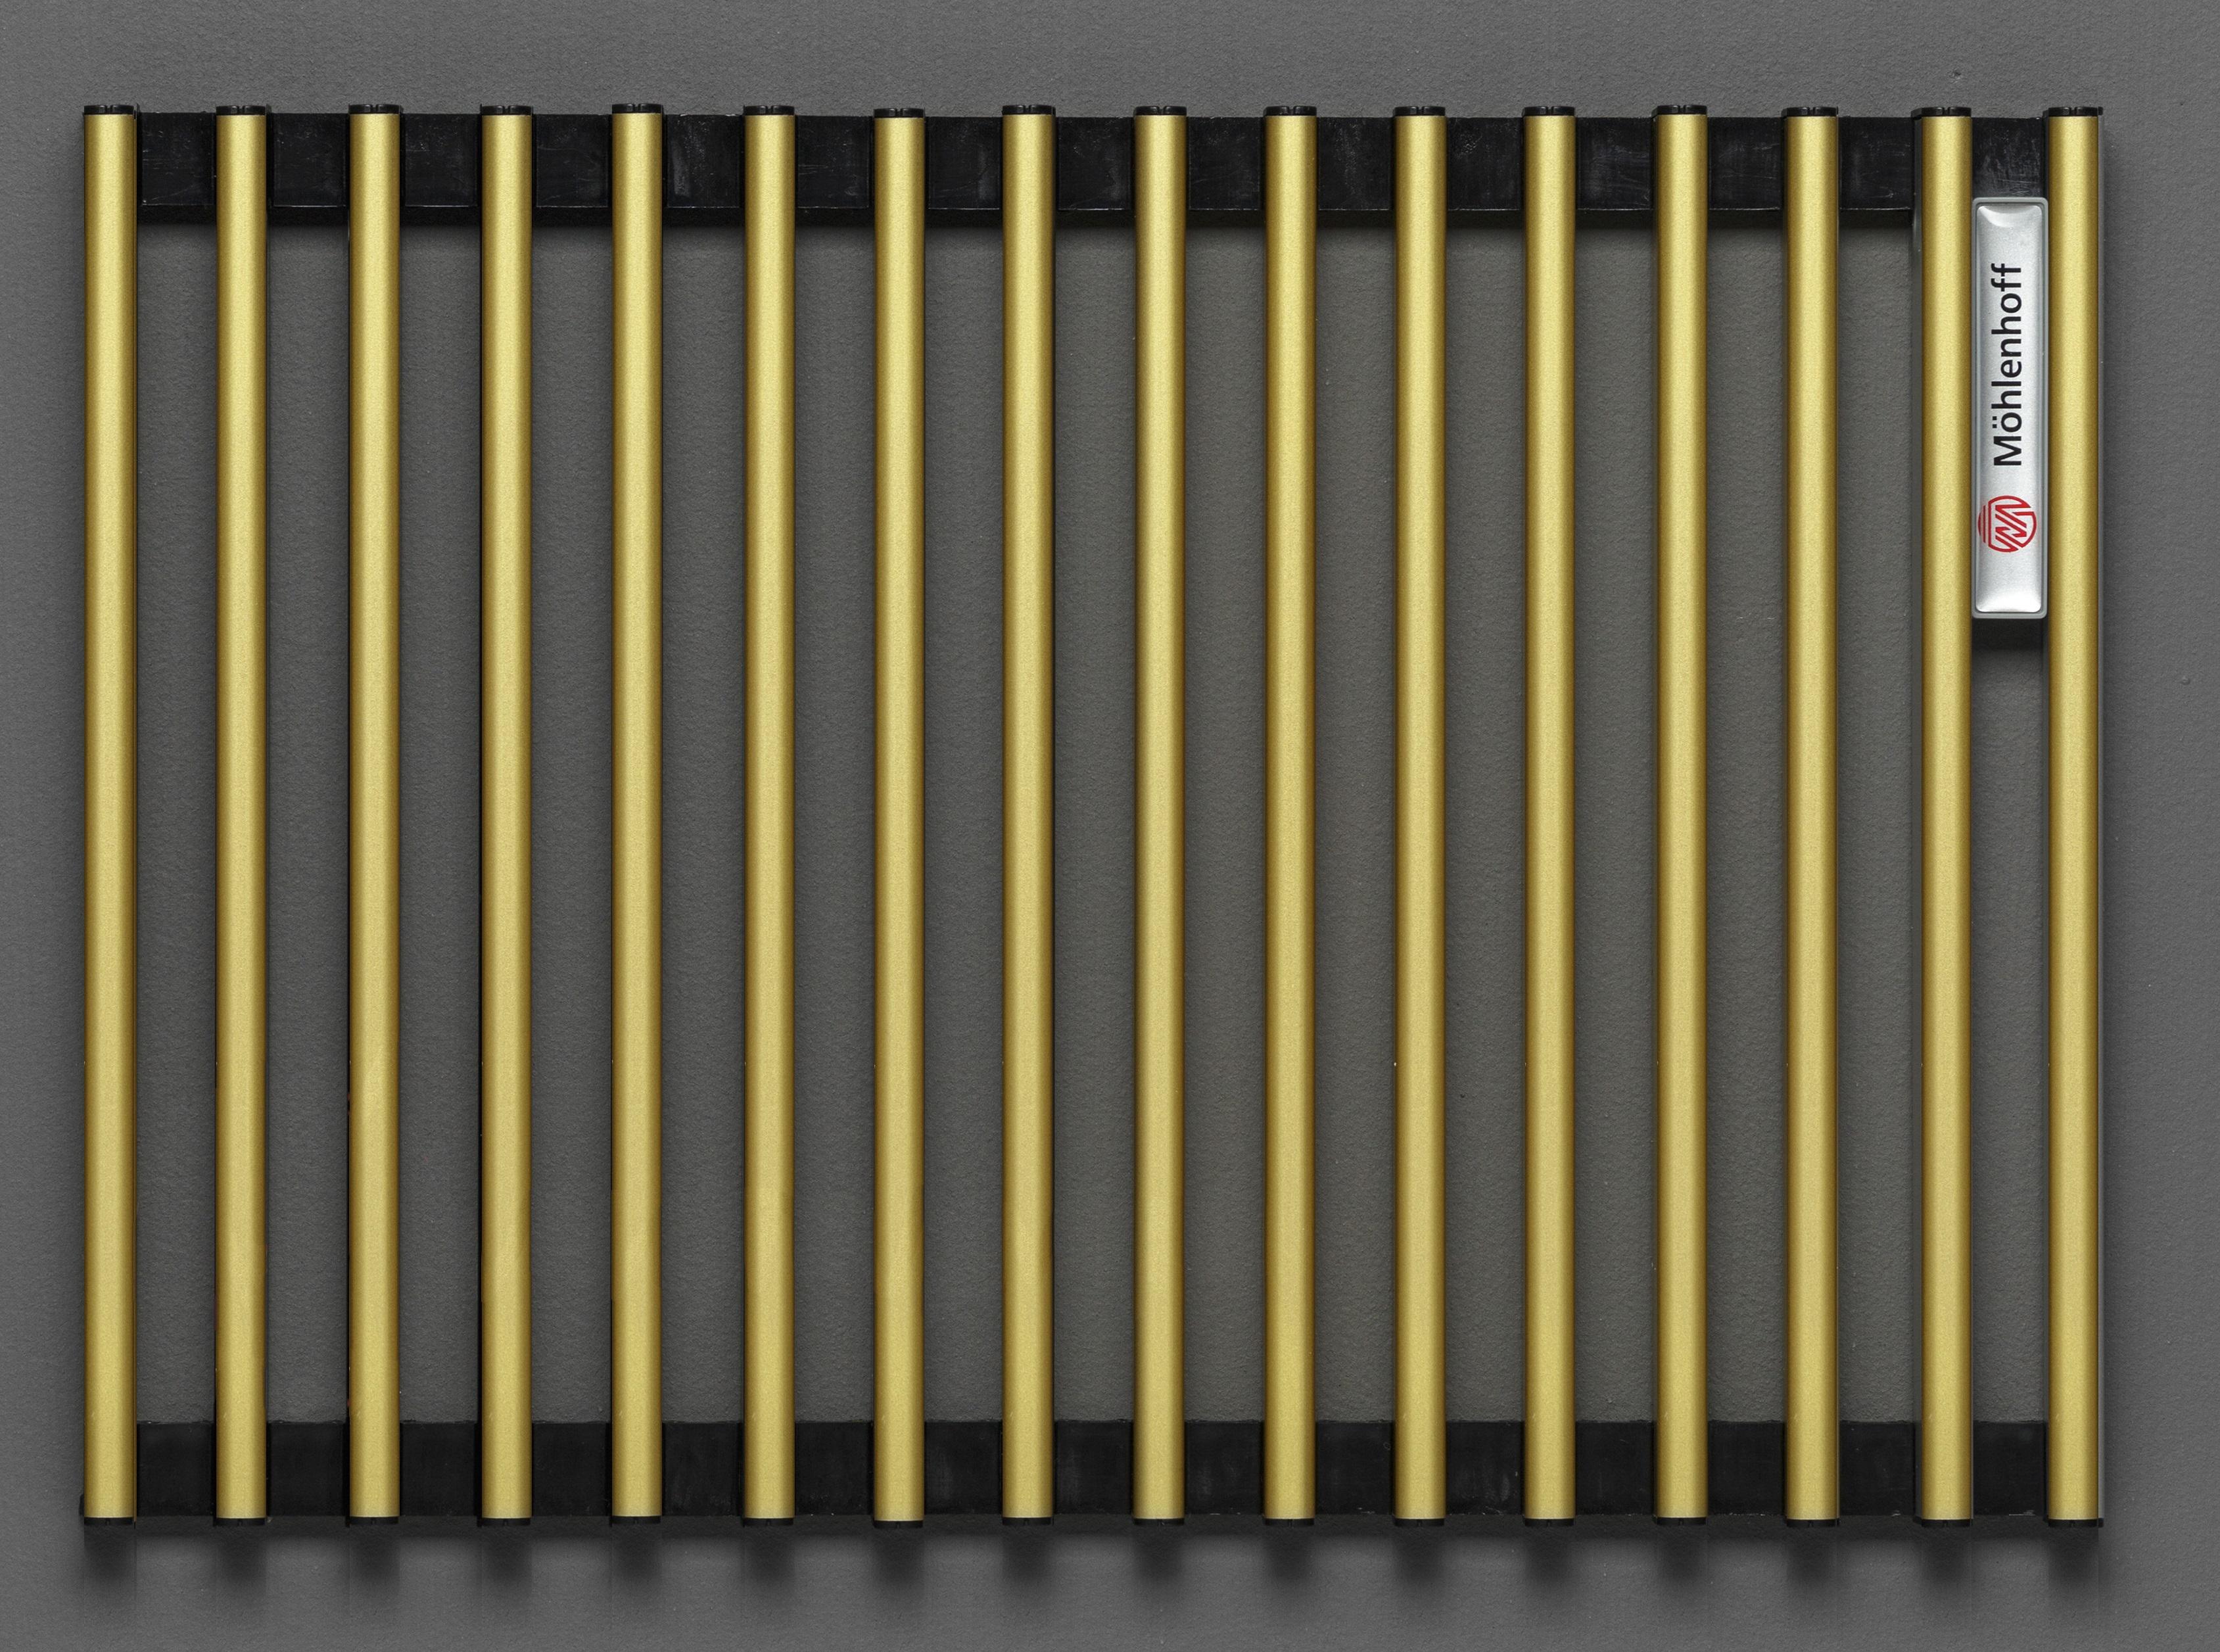 Купить Декоративная решётка Mohlenhoff латунь, шириной 320 мм 1 пог. м, Россия